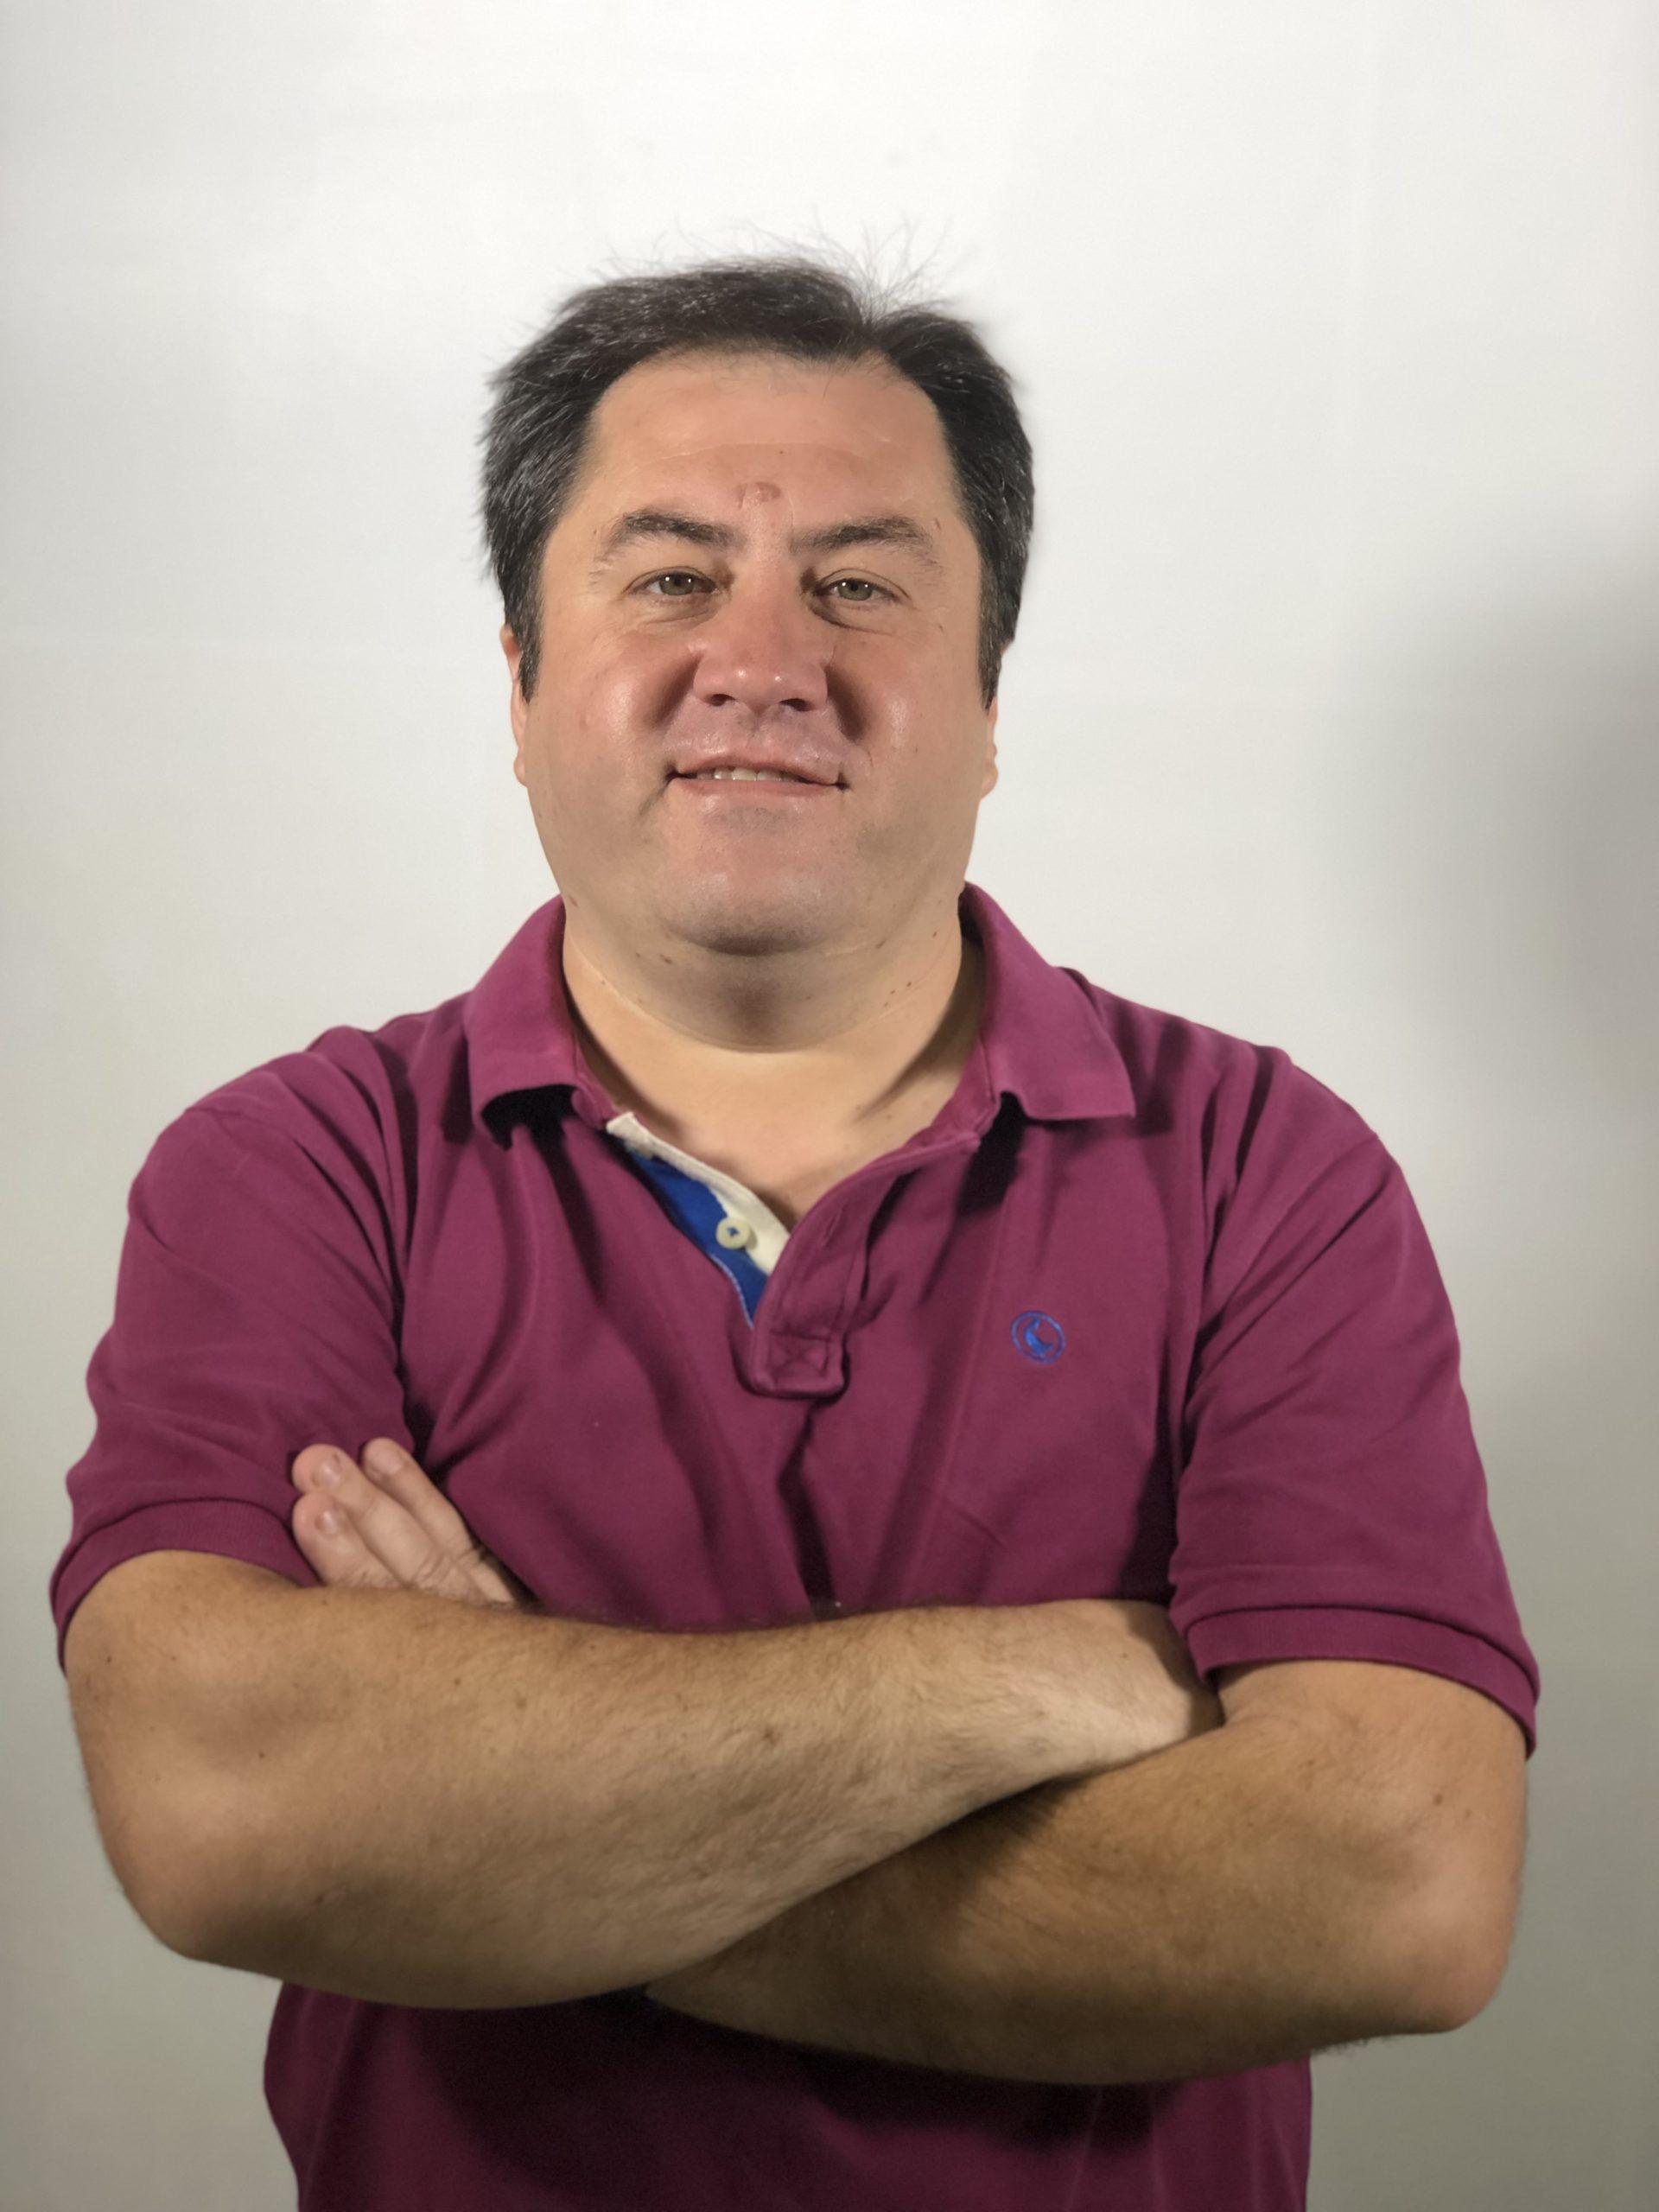 ANTONIO JOSÉ ERASO GALVÁN